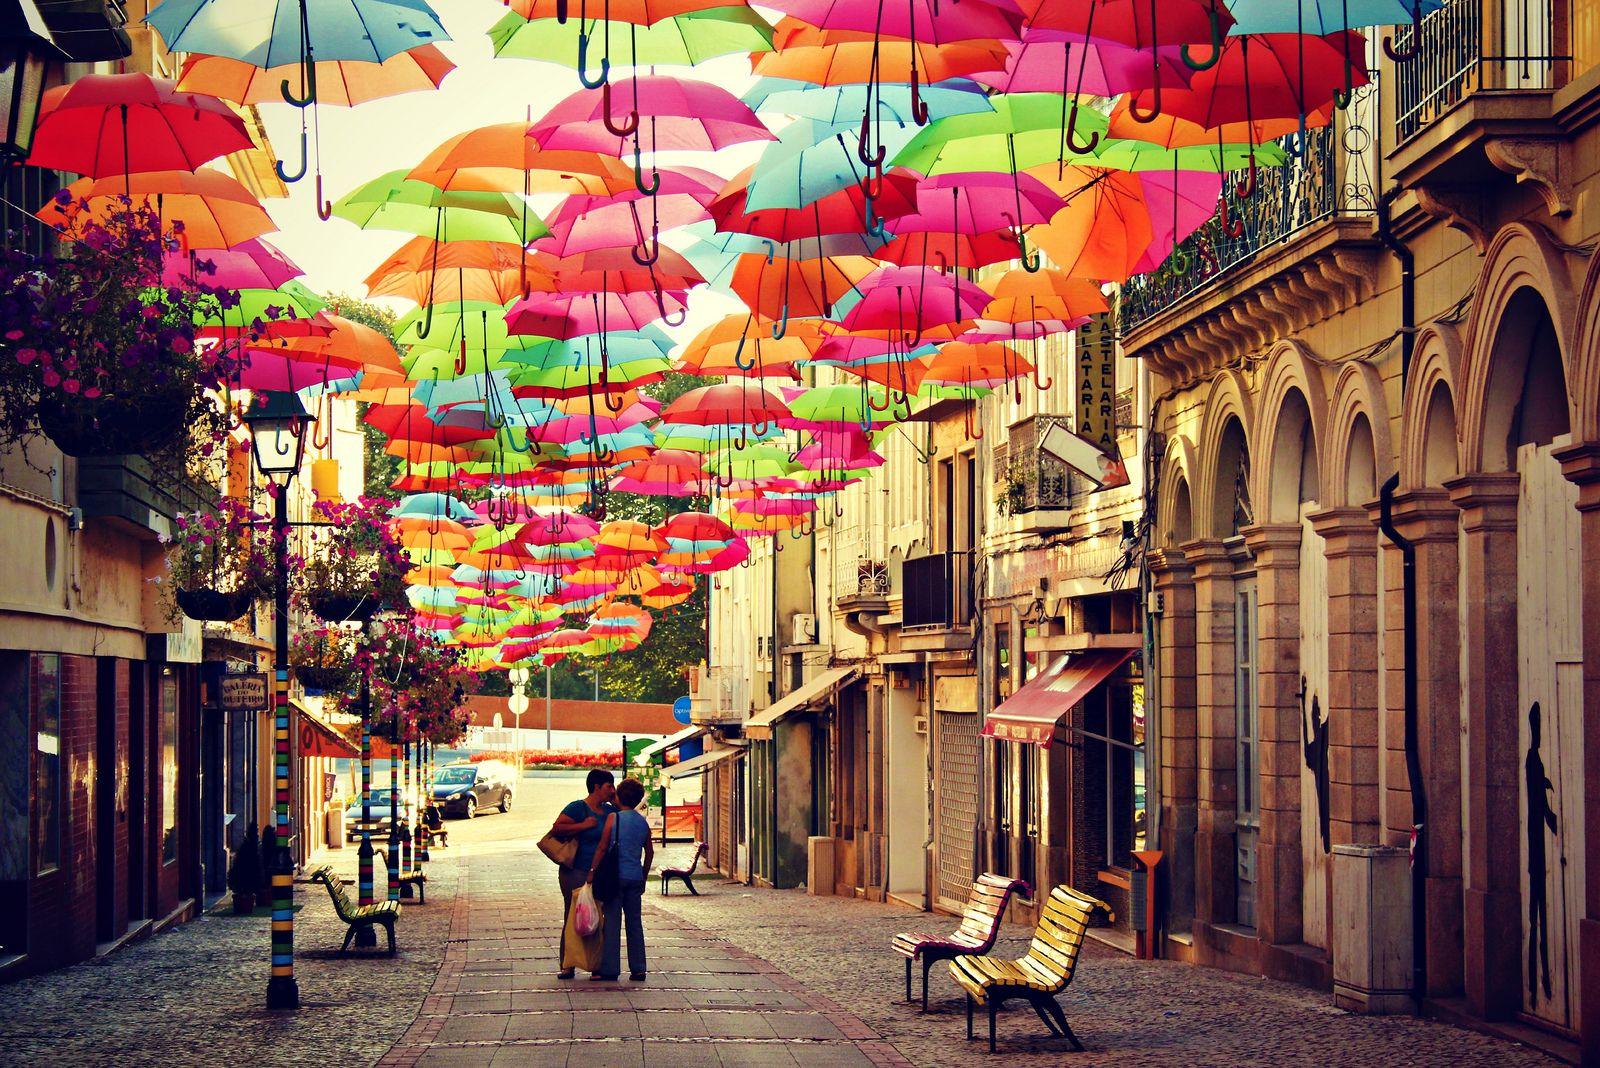 www.trippics.com | Águeda e suas ruas cobertas de guarda-chuvas coloridos em Portugal.